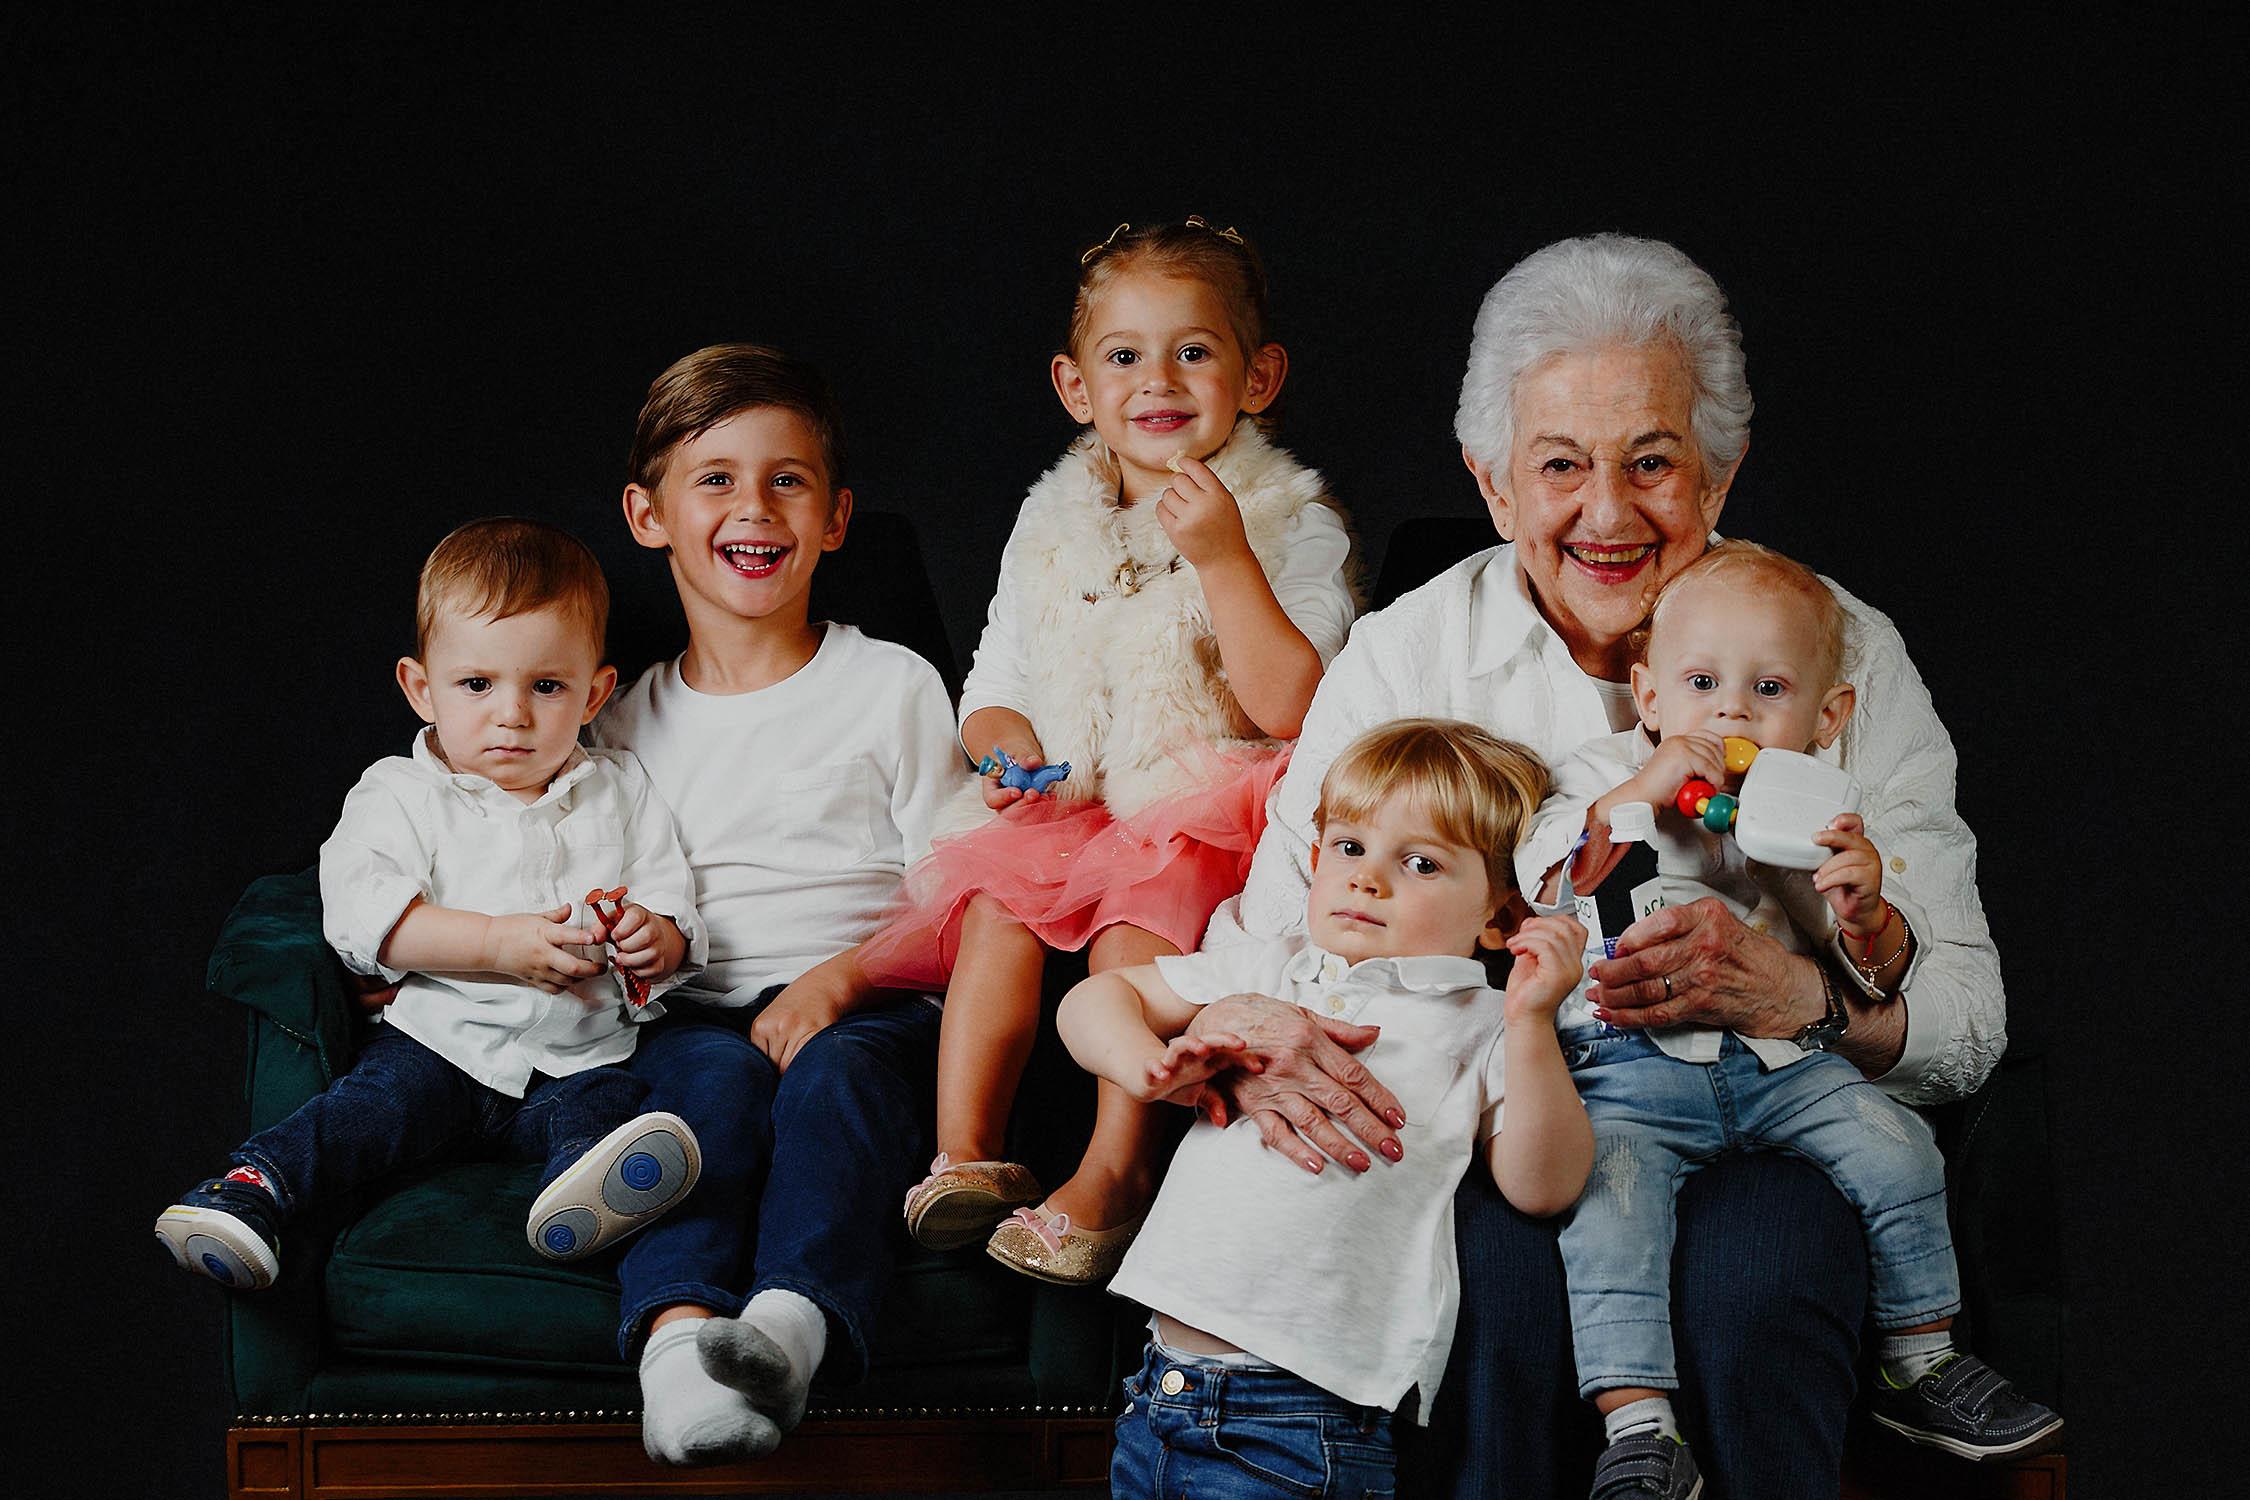 Fotografo de familia en Lomas de Chapultepec